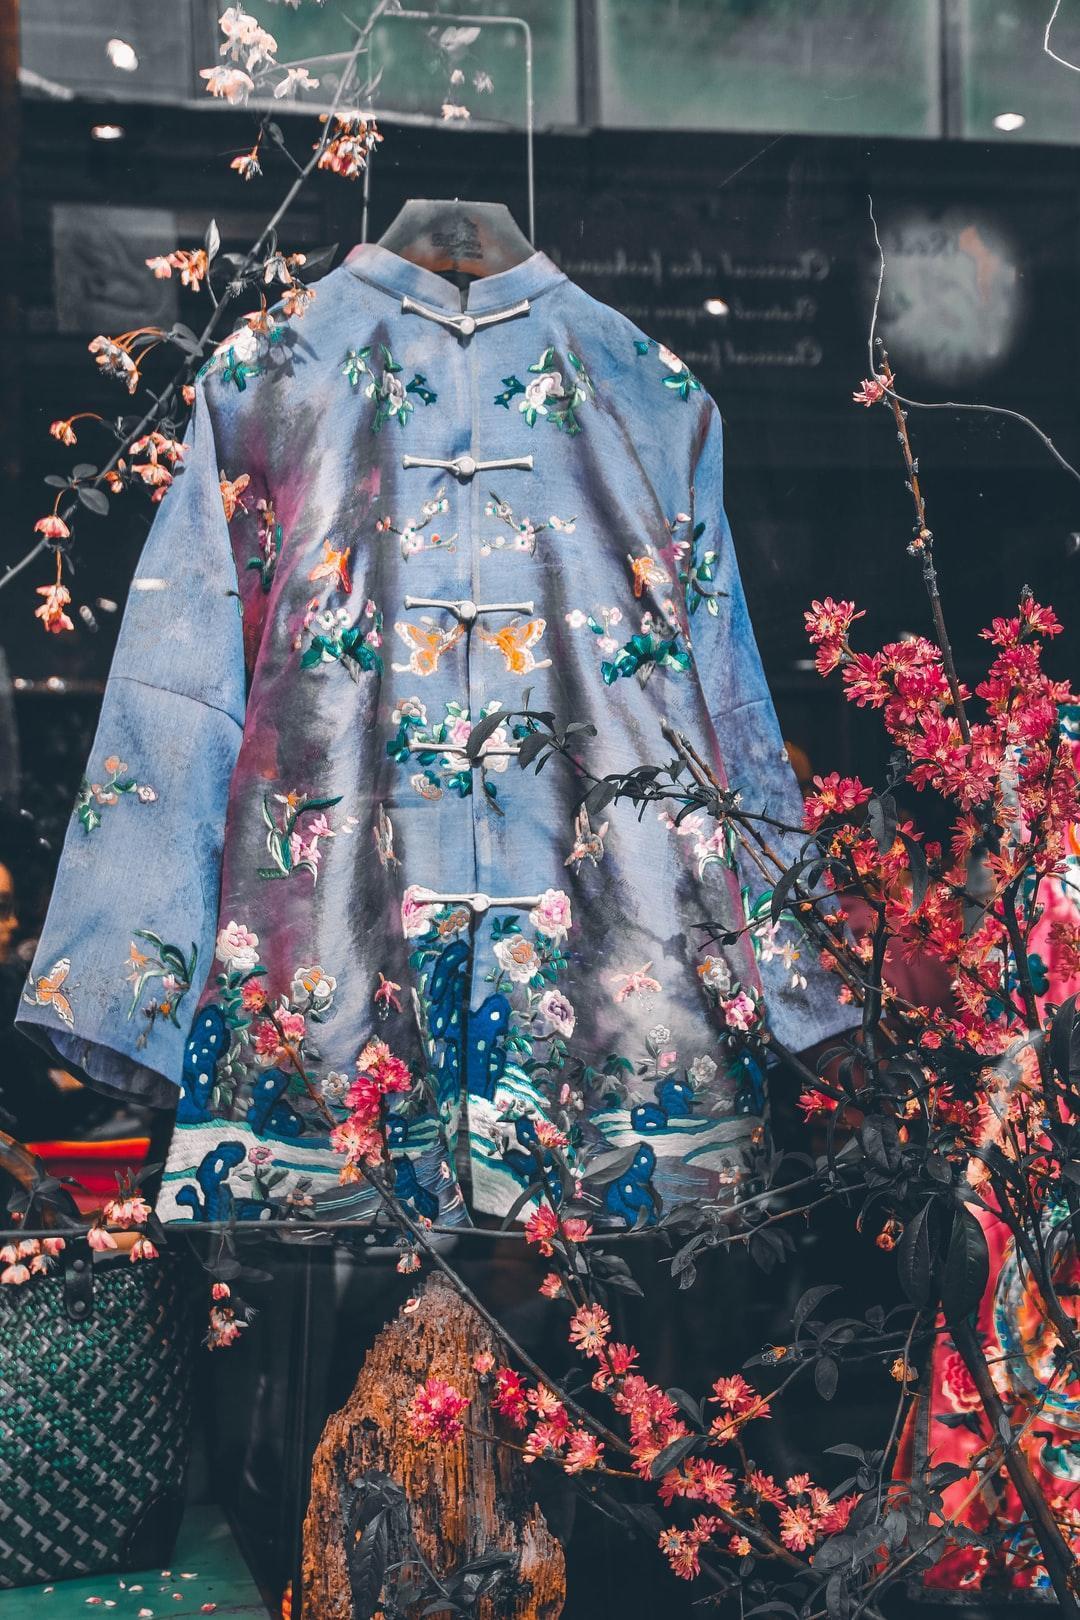 Hình ảnh trang phục tết cổ truyền của người Trung Quốc